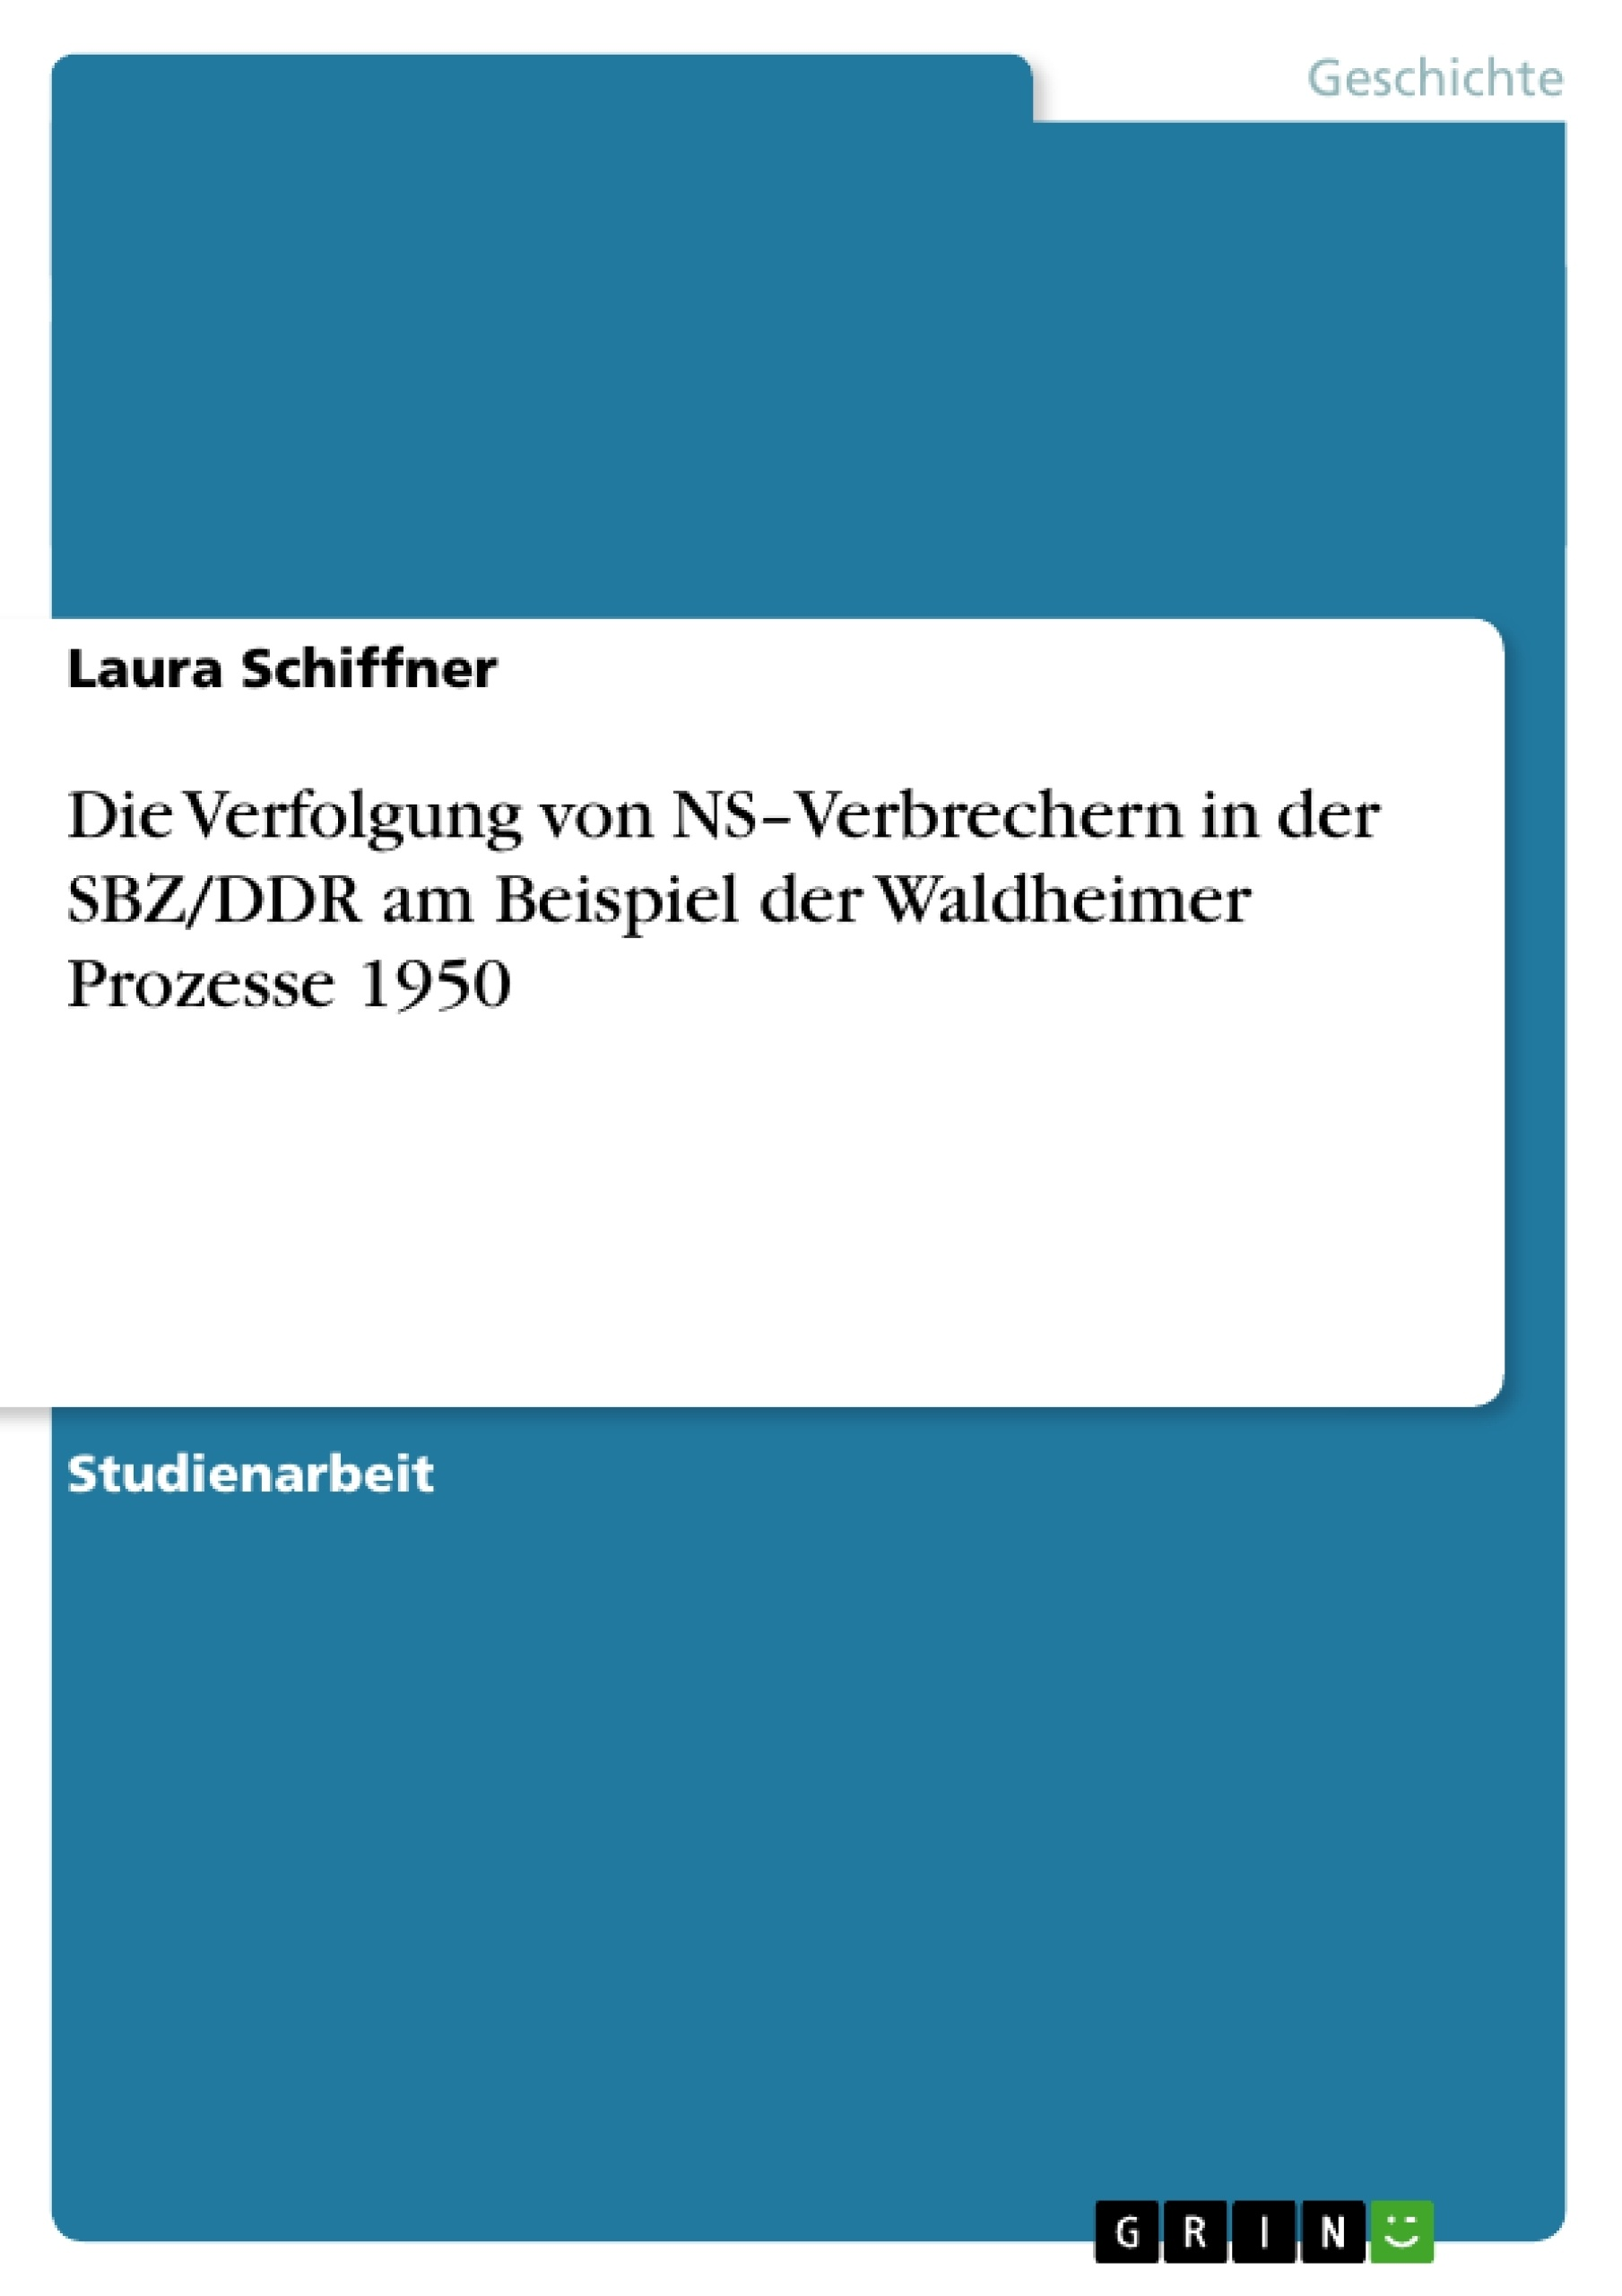 Titel: Die Verfolgung von NS–Verbrechern in der SBZ/DDR am Beispiel der Waldheimer Prozesse 1950